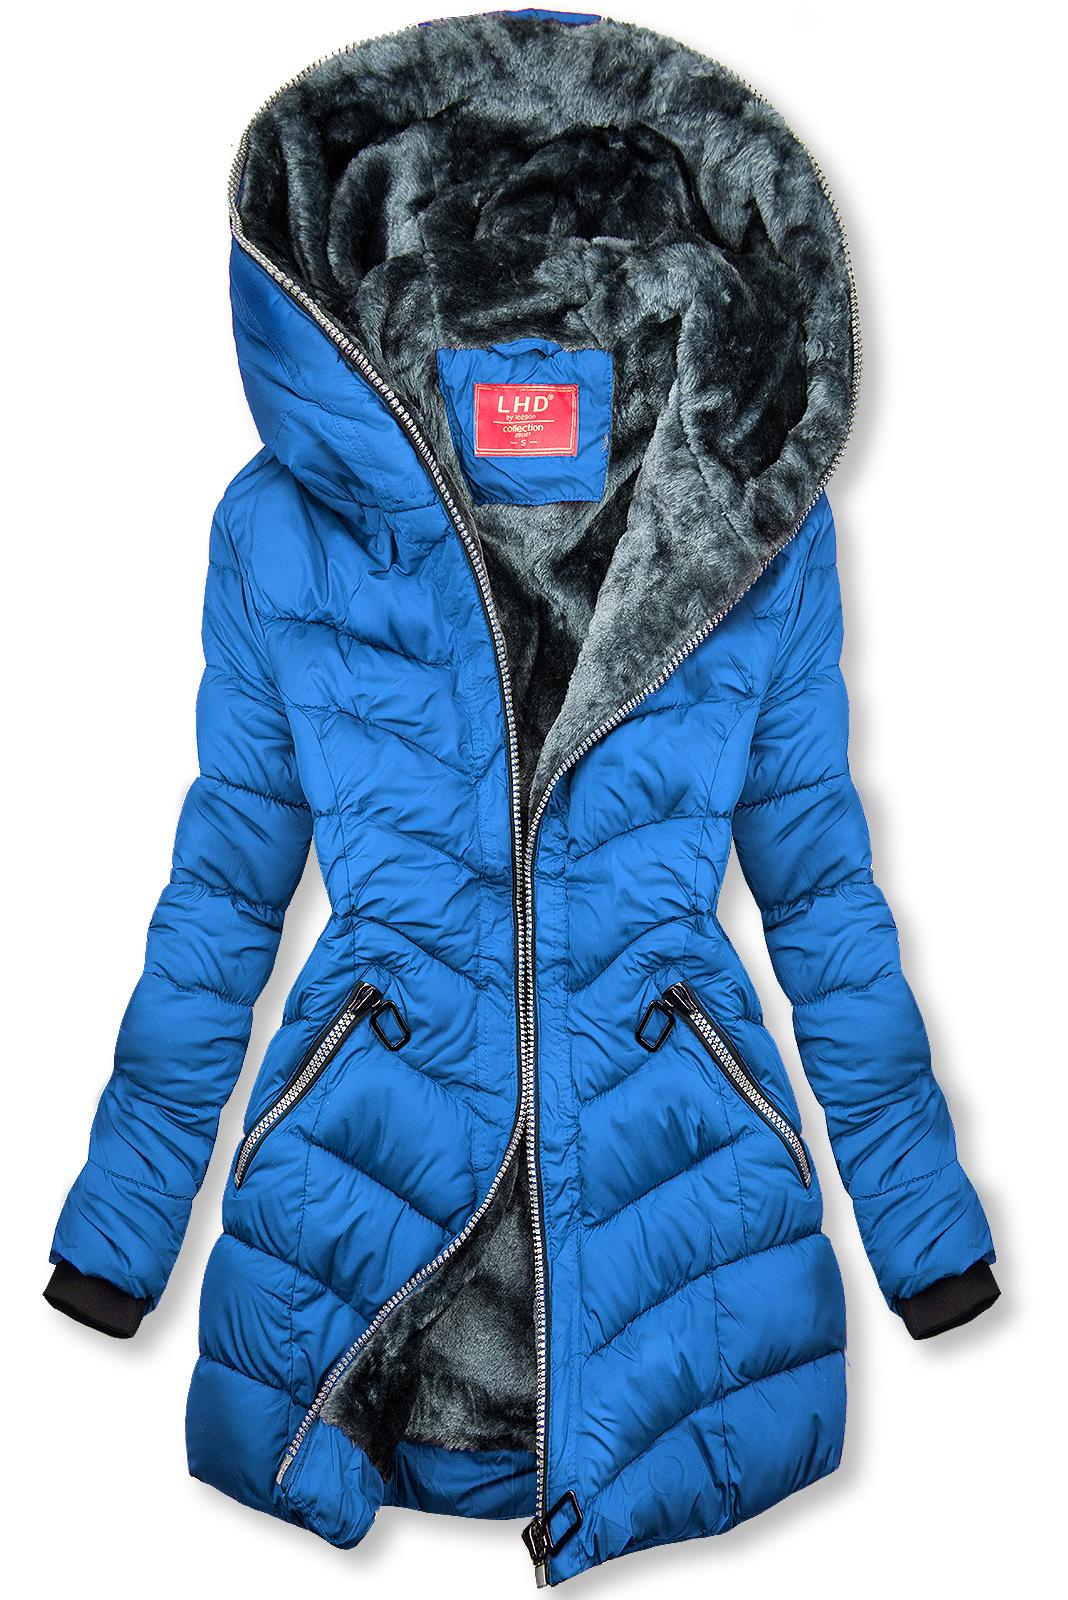 Kráľovská modrá prešívaná bunda zateplená plyšom